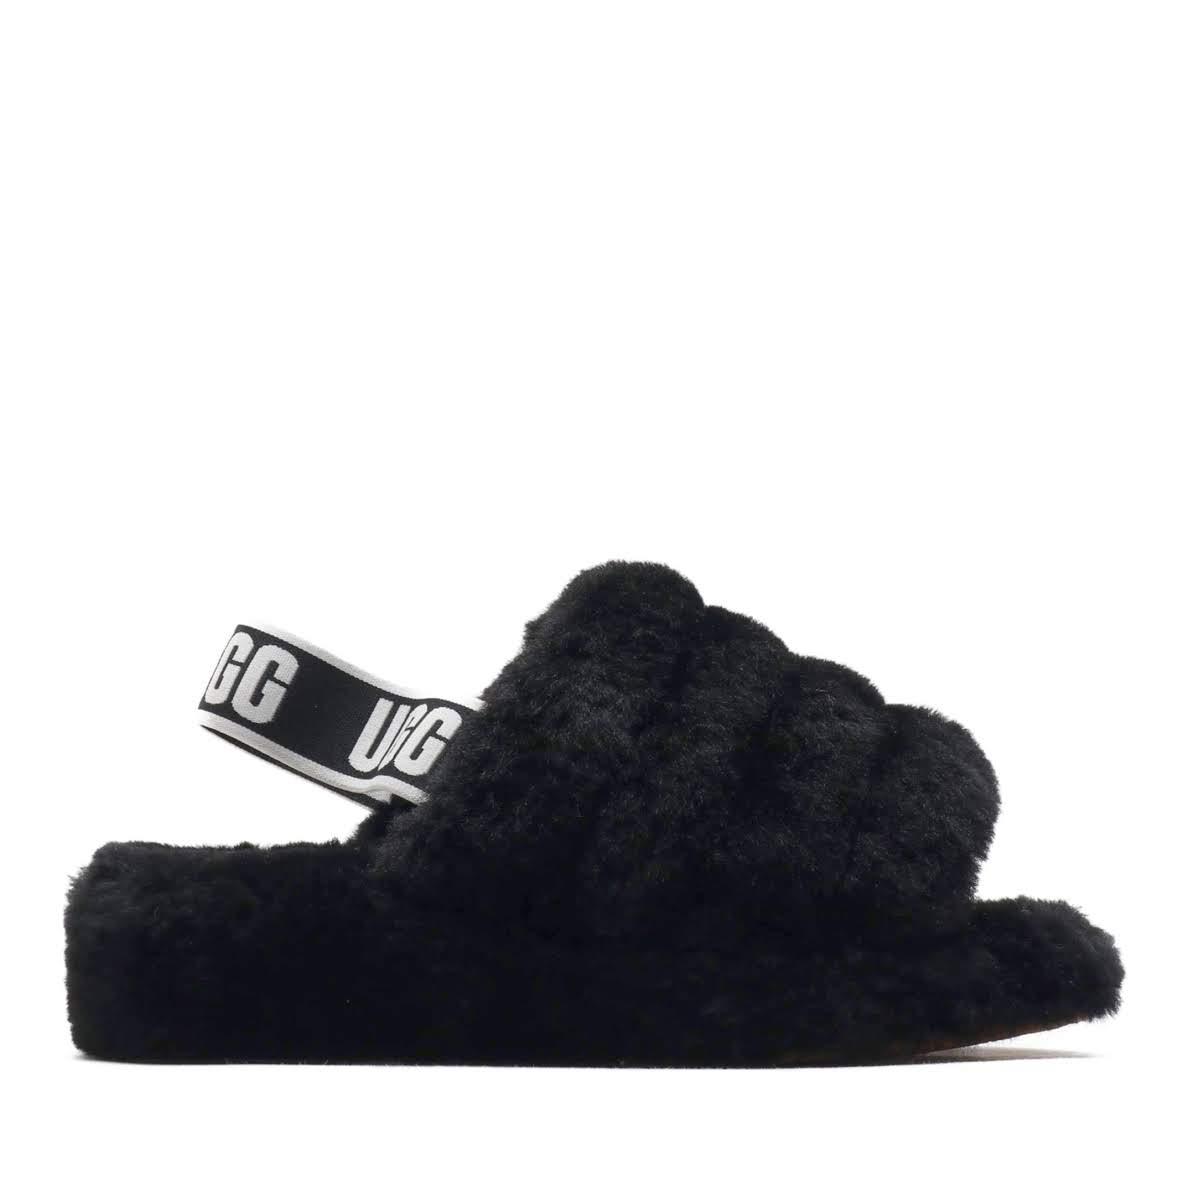 UGG W FLUFF YEAH SLIDE(BLACK)(アグ フラッフィー イヤー スライド)【メンズ】【レディース】【サンダル】【19FW-I】